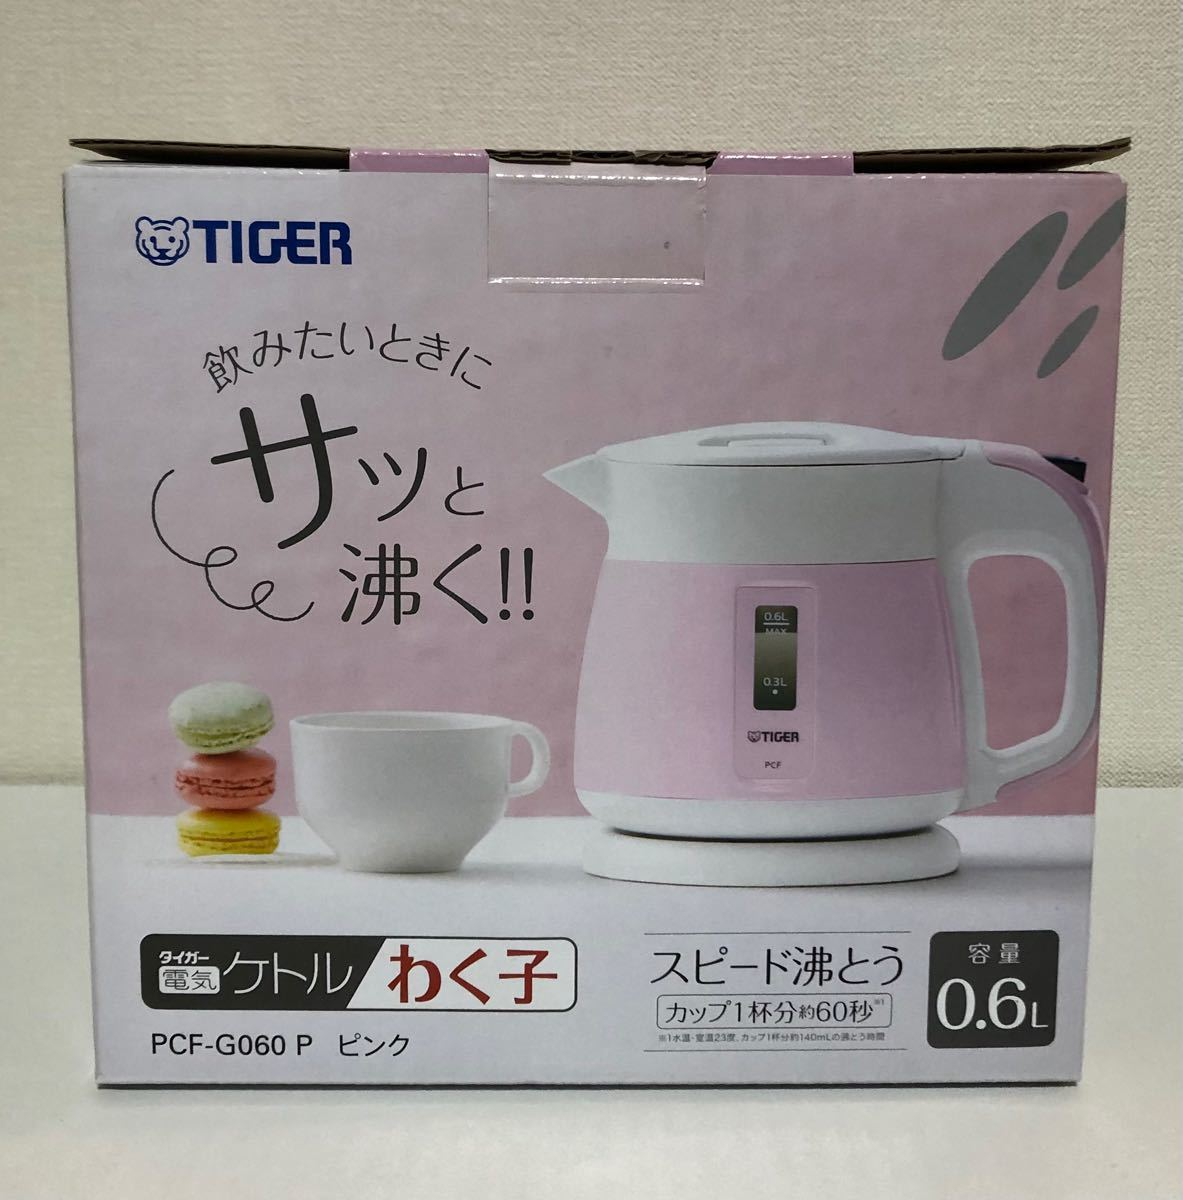 ★未使用品 タイガー 電気ケトル わく子 0.6リットル ピンク ケトル